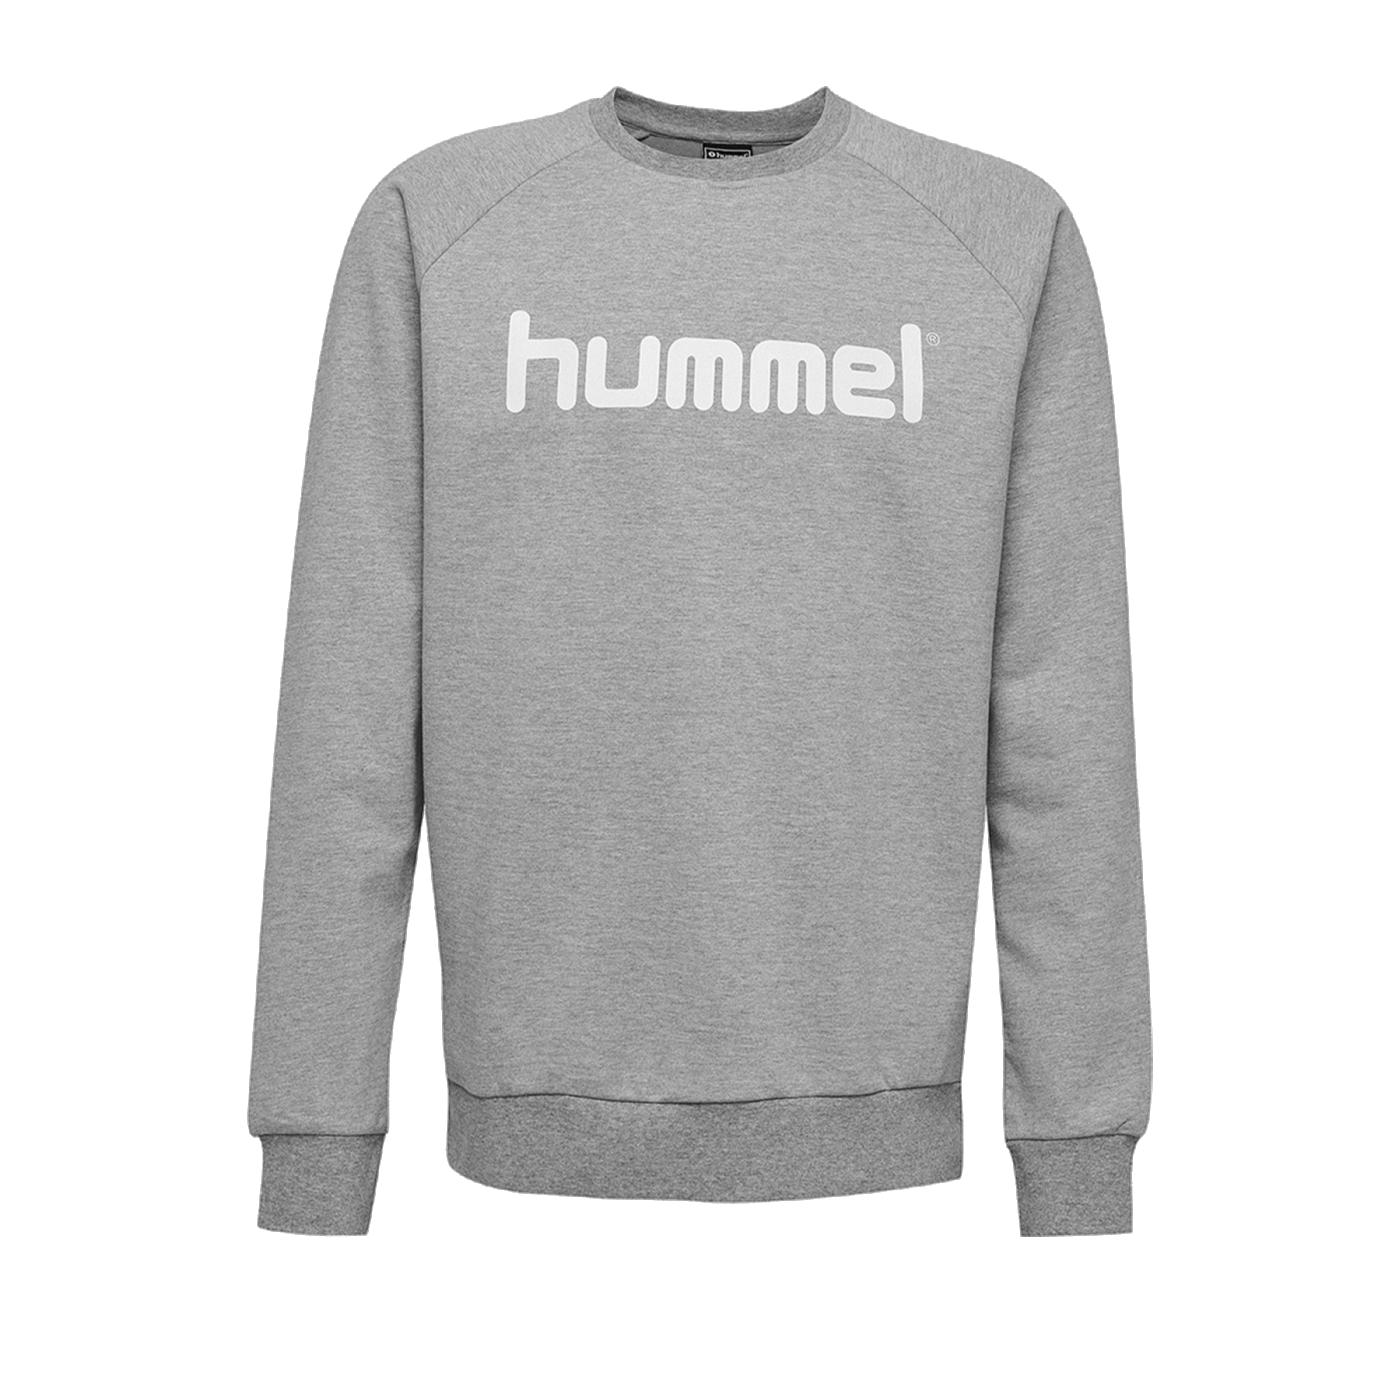 Hummel Cotton Logo Sweatshirt Kids Grau F2006 - Grau